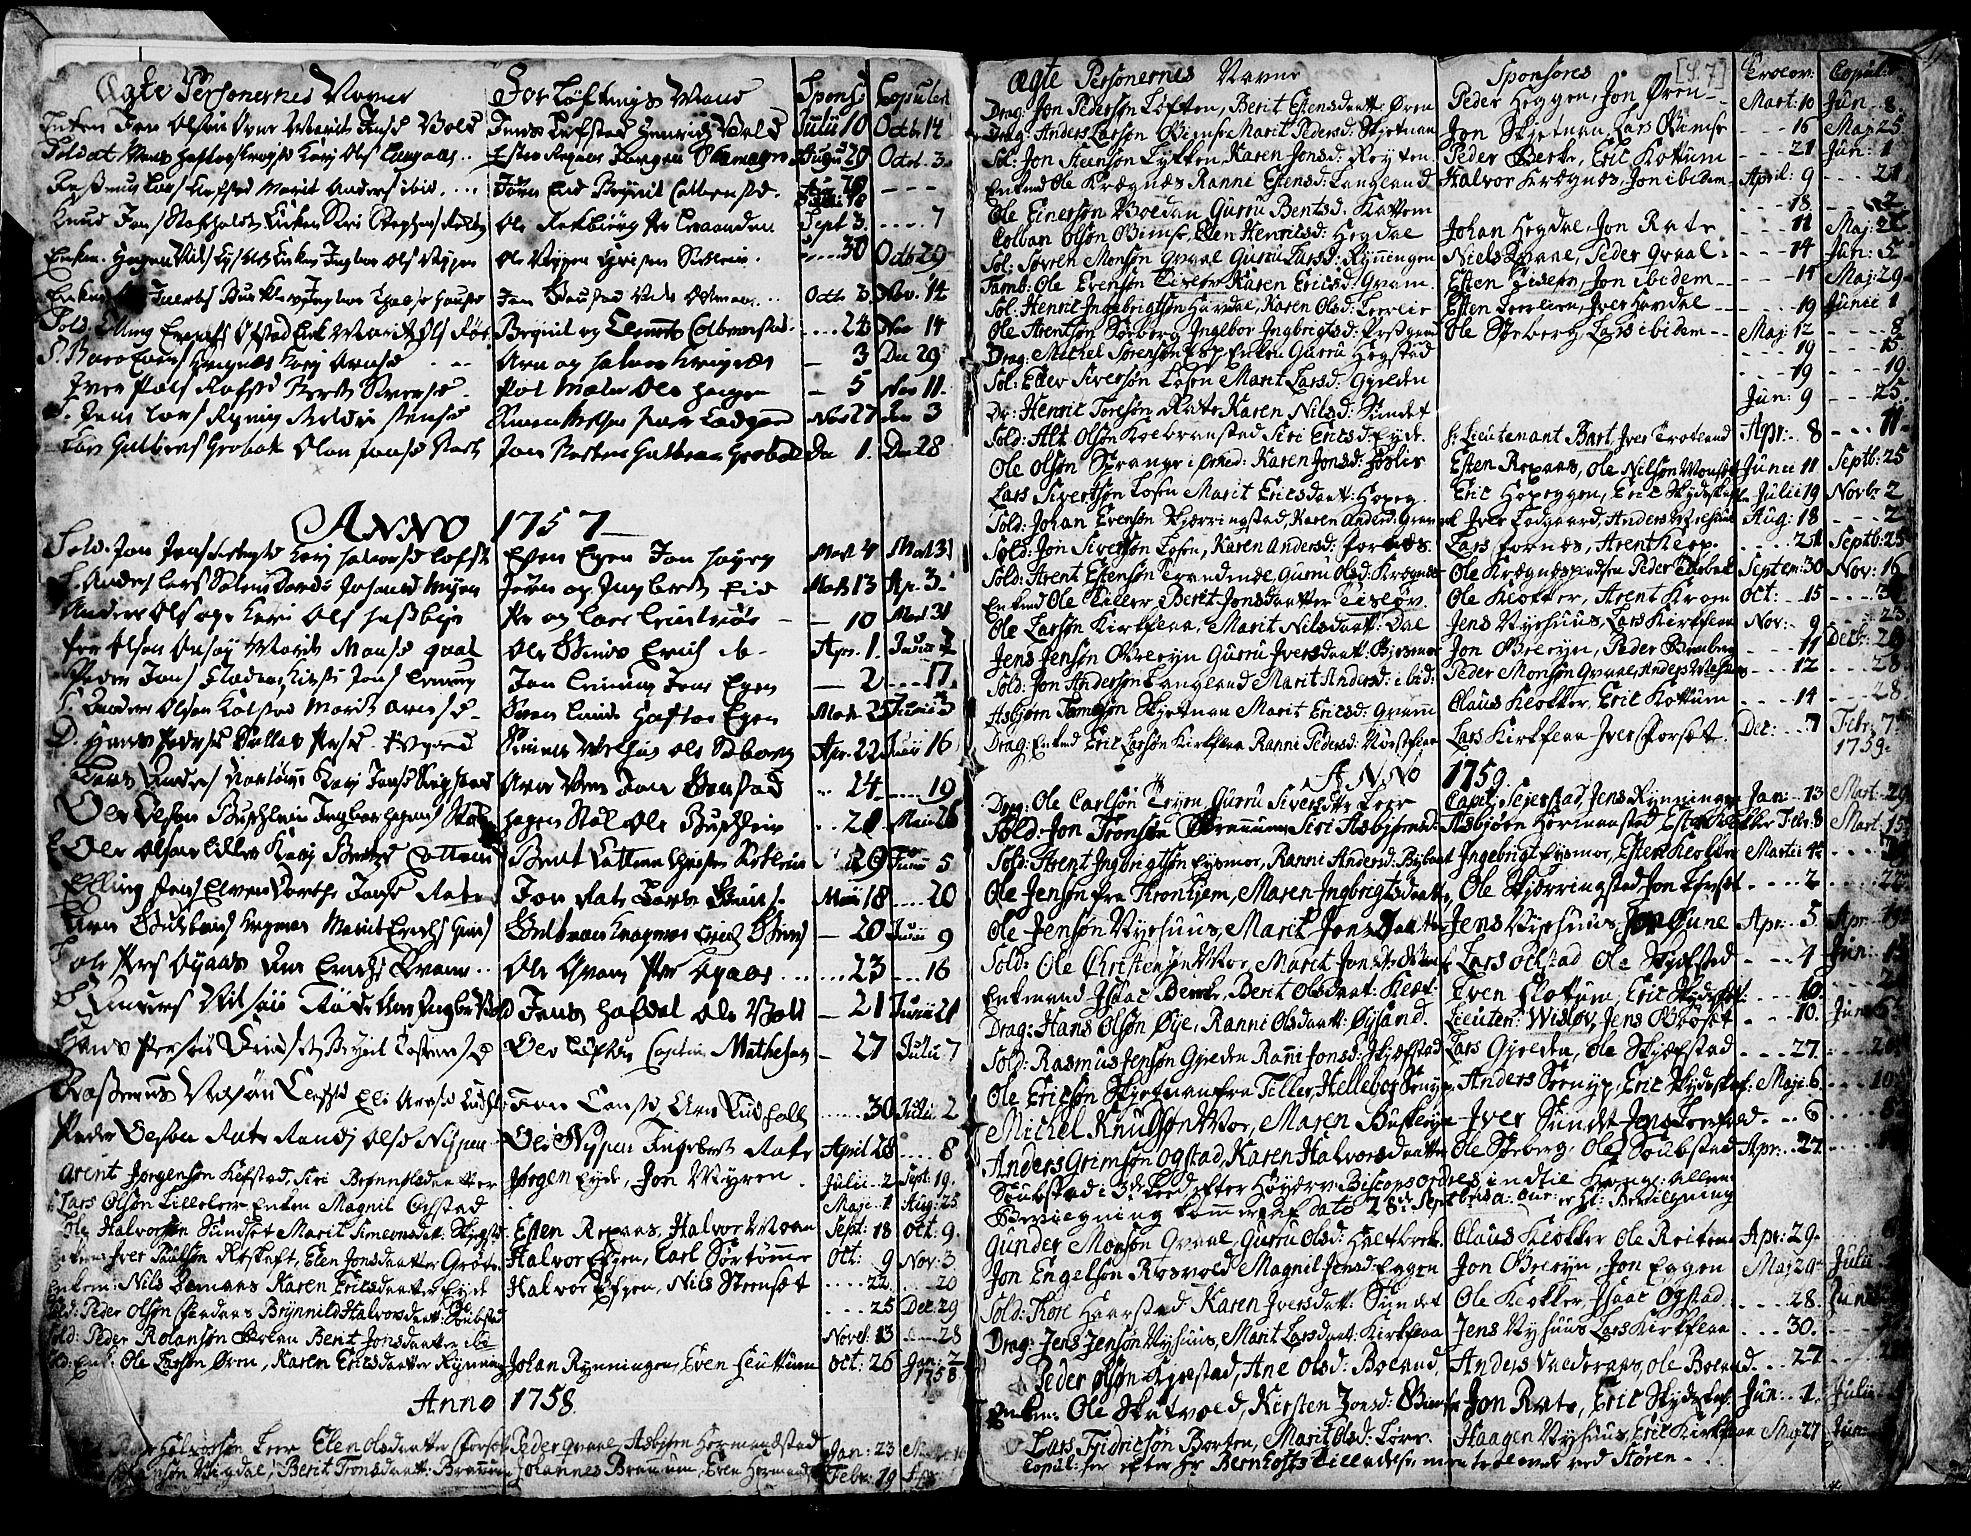 SAT, Ministerialprotokoller, klokkerbøker og fødselsregistre - Sør-Trøndelag, 691/L1057: Ministerialbok nr. 691A01 /1, 1740-1767, s. 7